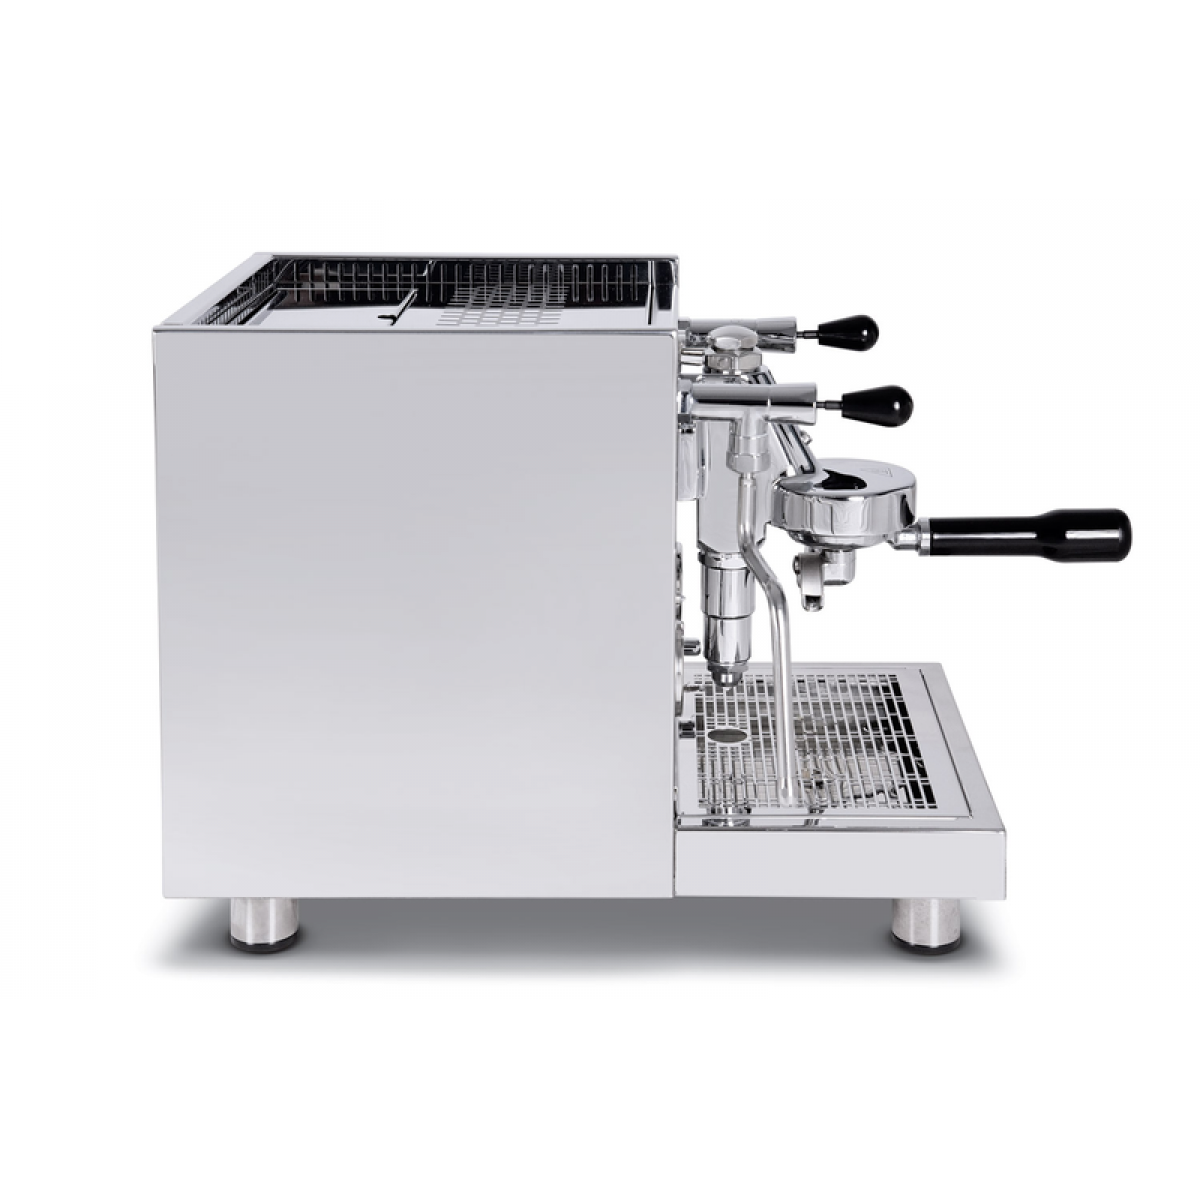 Quickmill AQUILA 0985-EP Emilia PID Espressomaschine Sonderedition